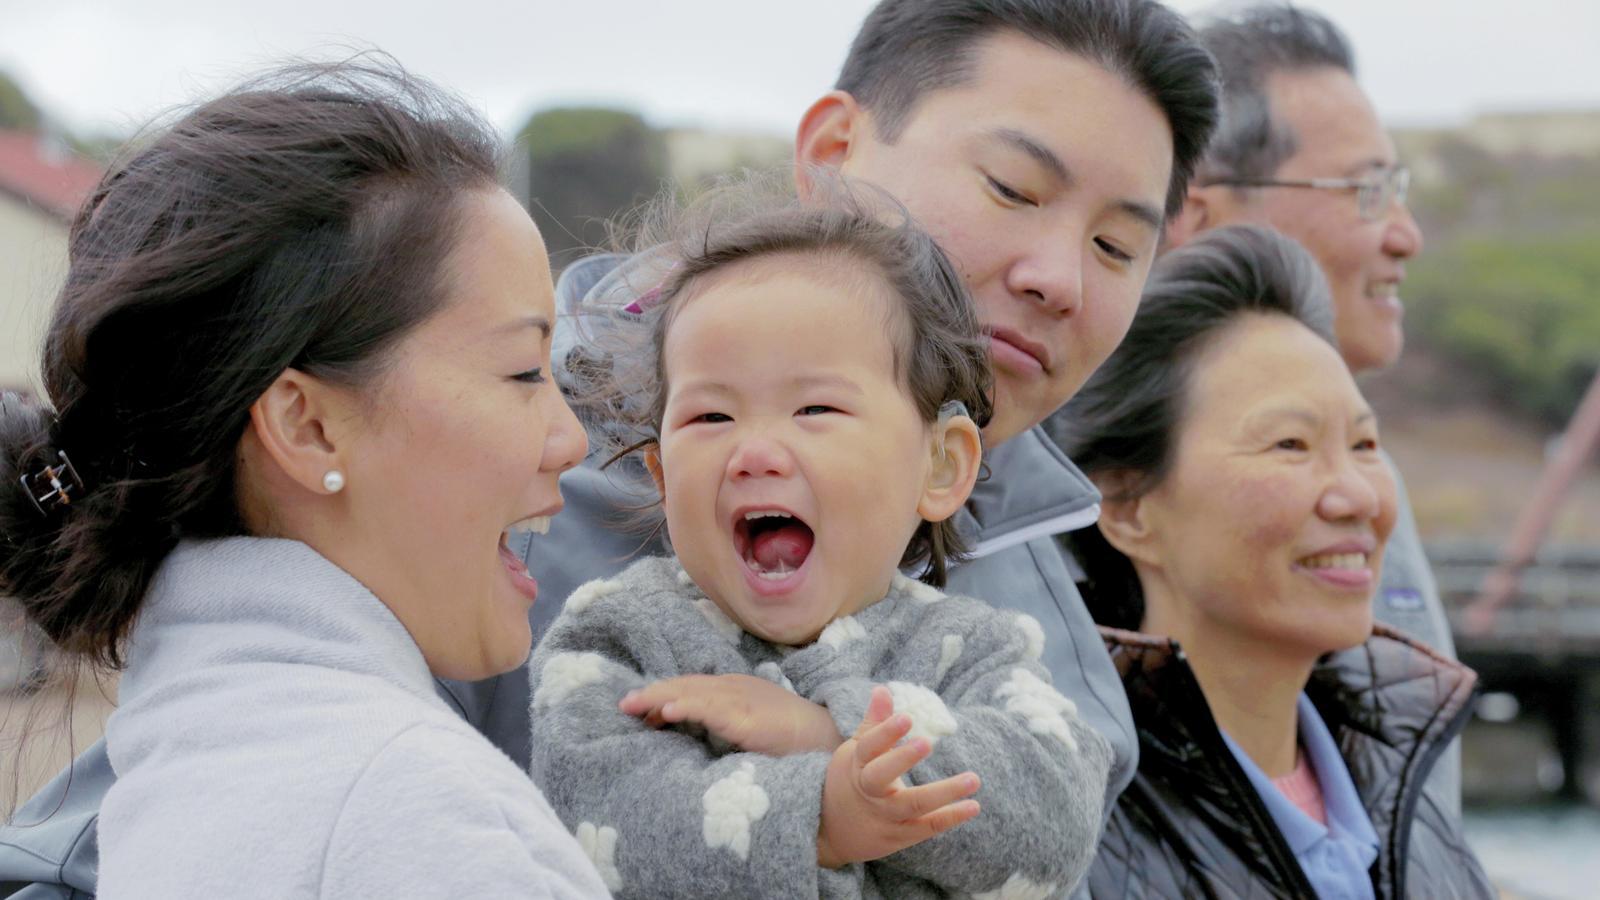 La familia Su se ríe durante una excursión